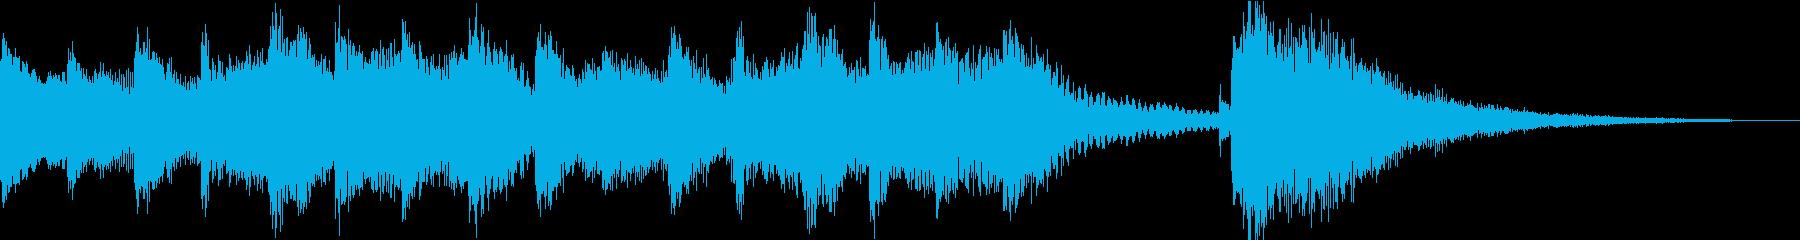 シンプルなピアノの再生済みの波形